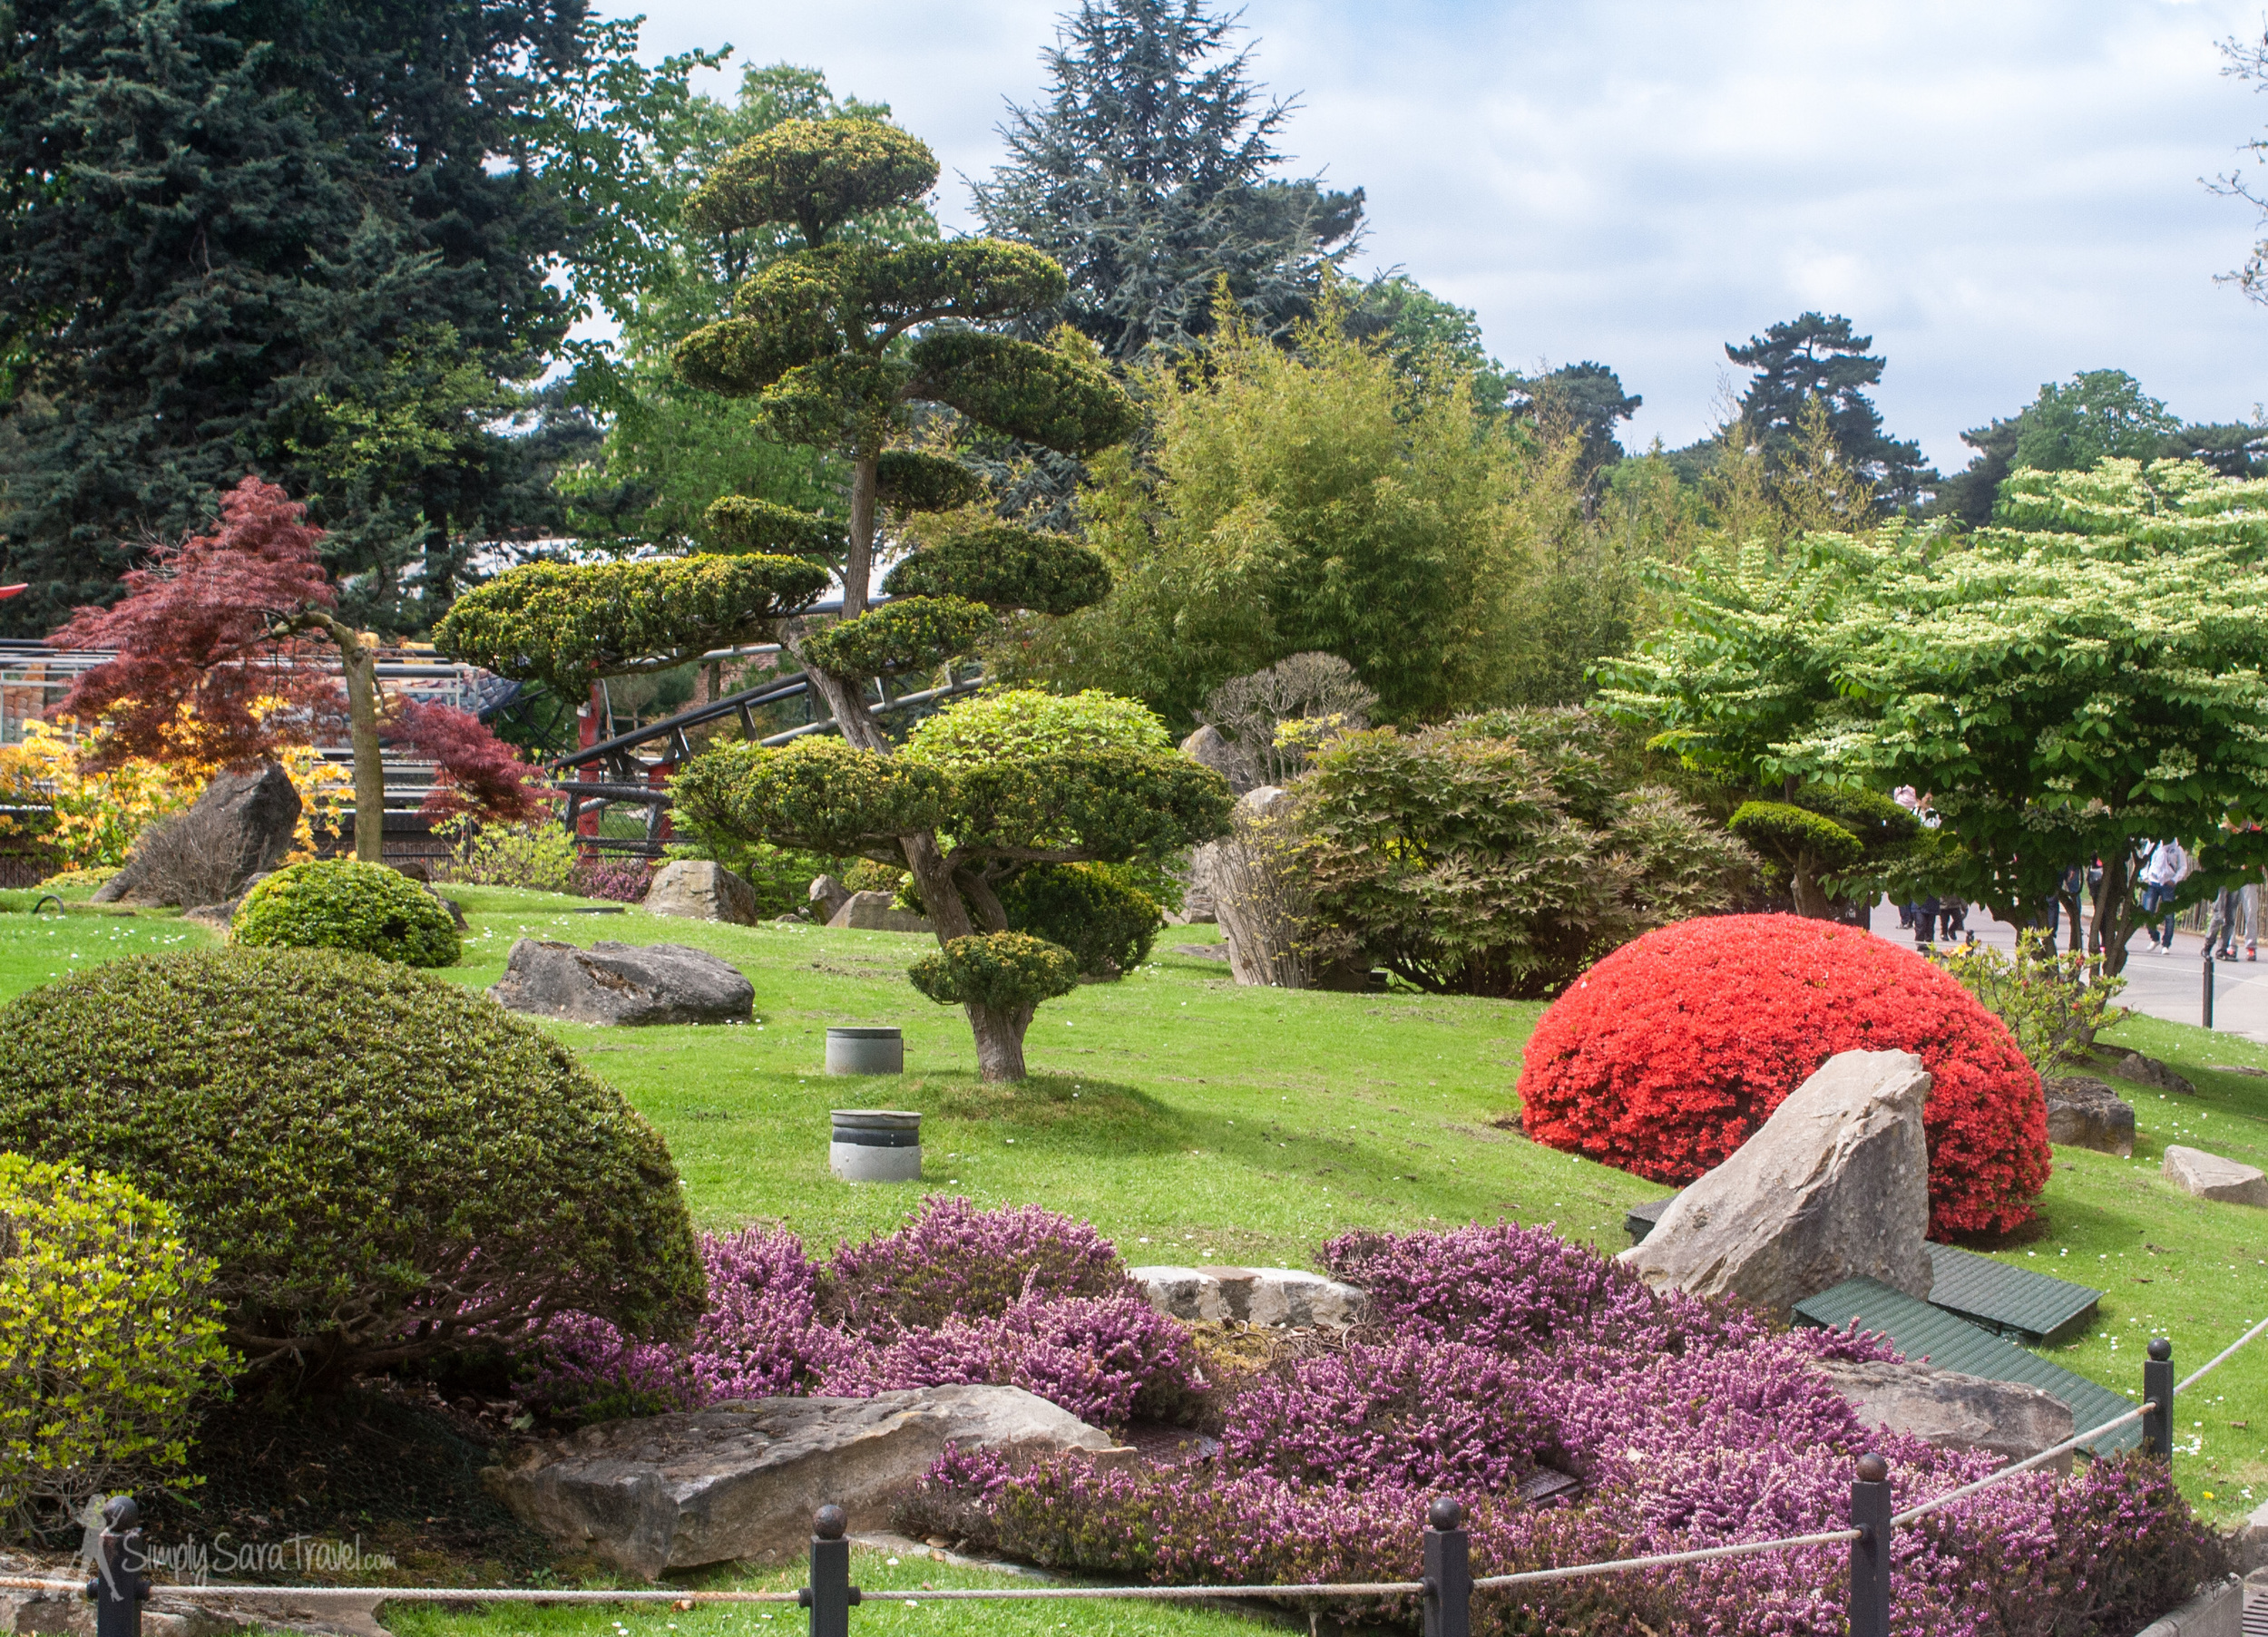 Gardens ofJardin d'Acclimation, Paris, France